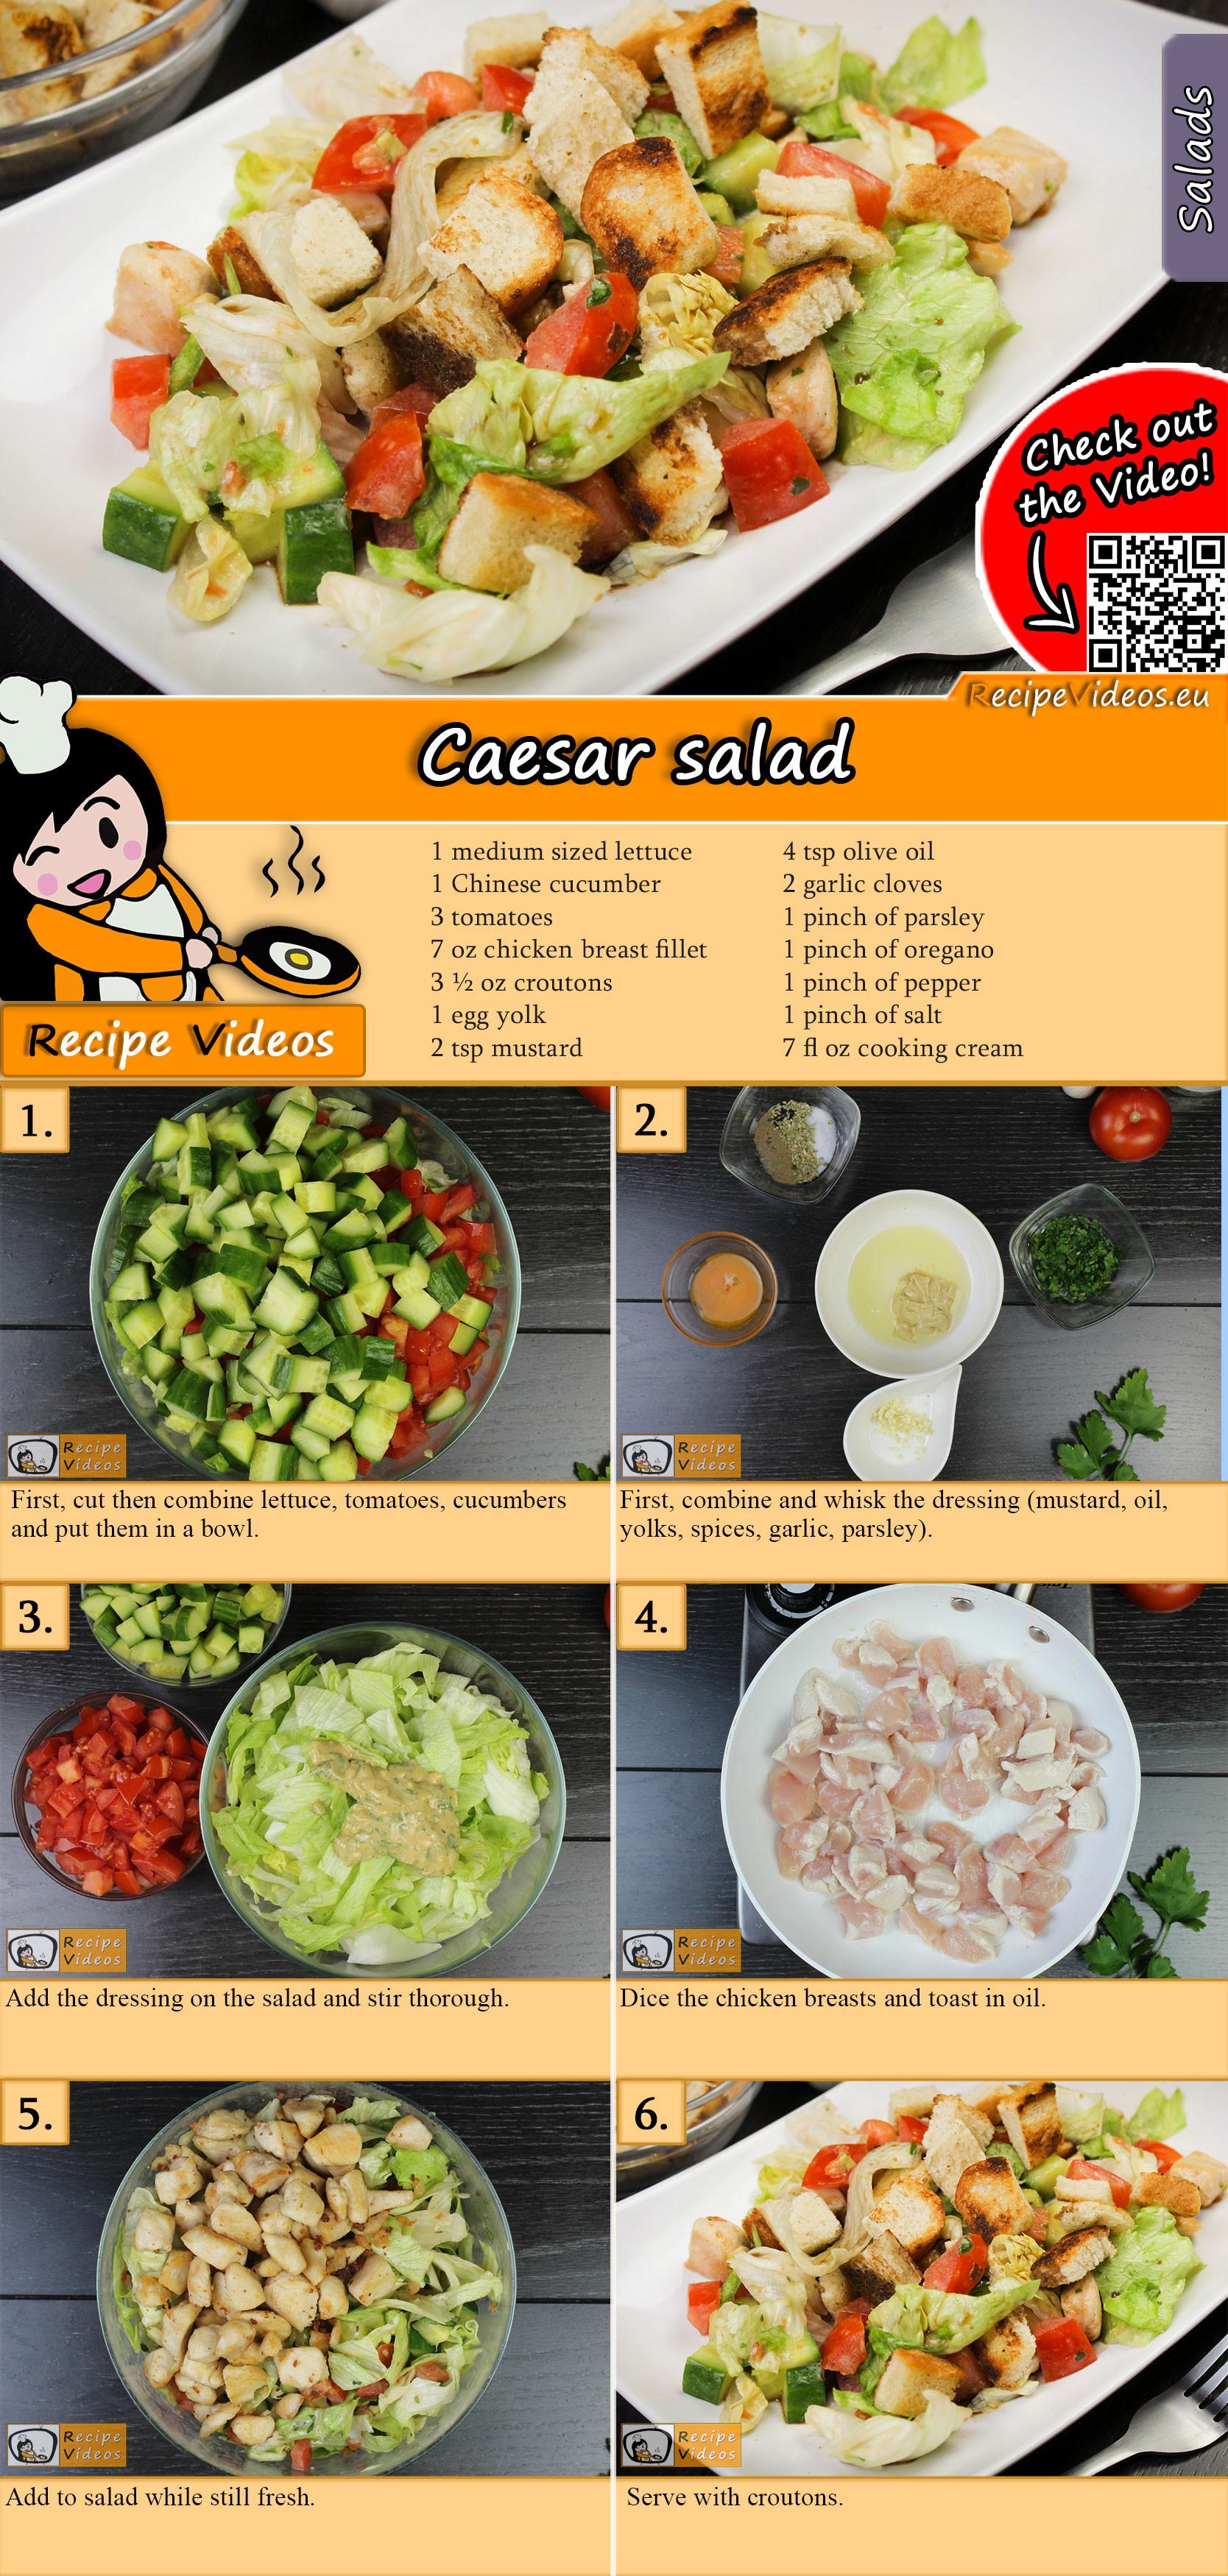 Caesar salad recipe with video